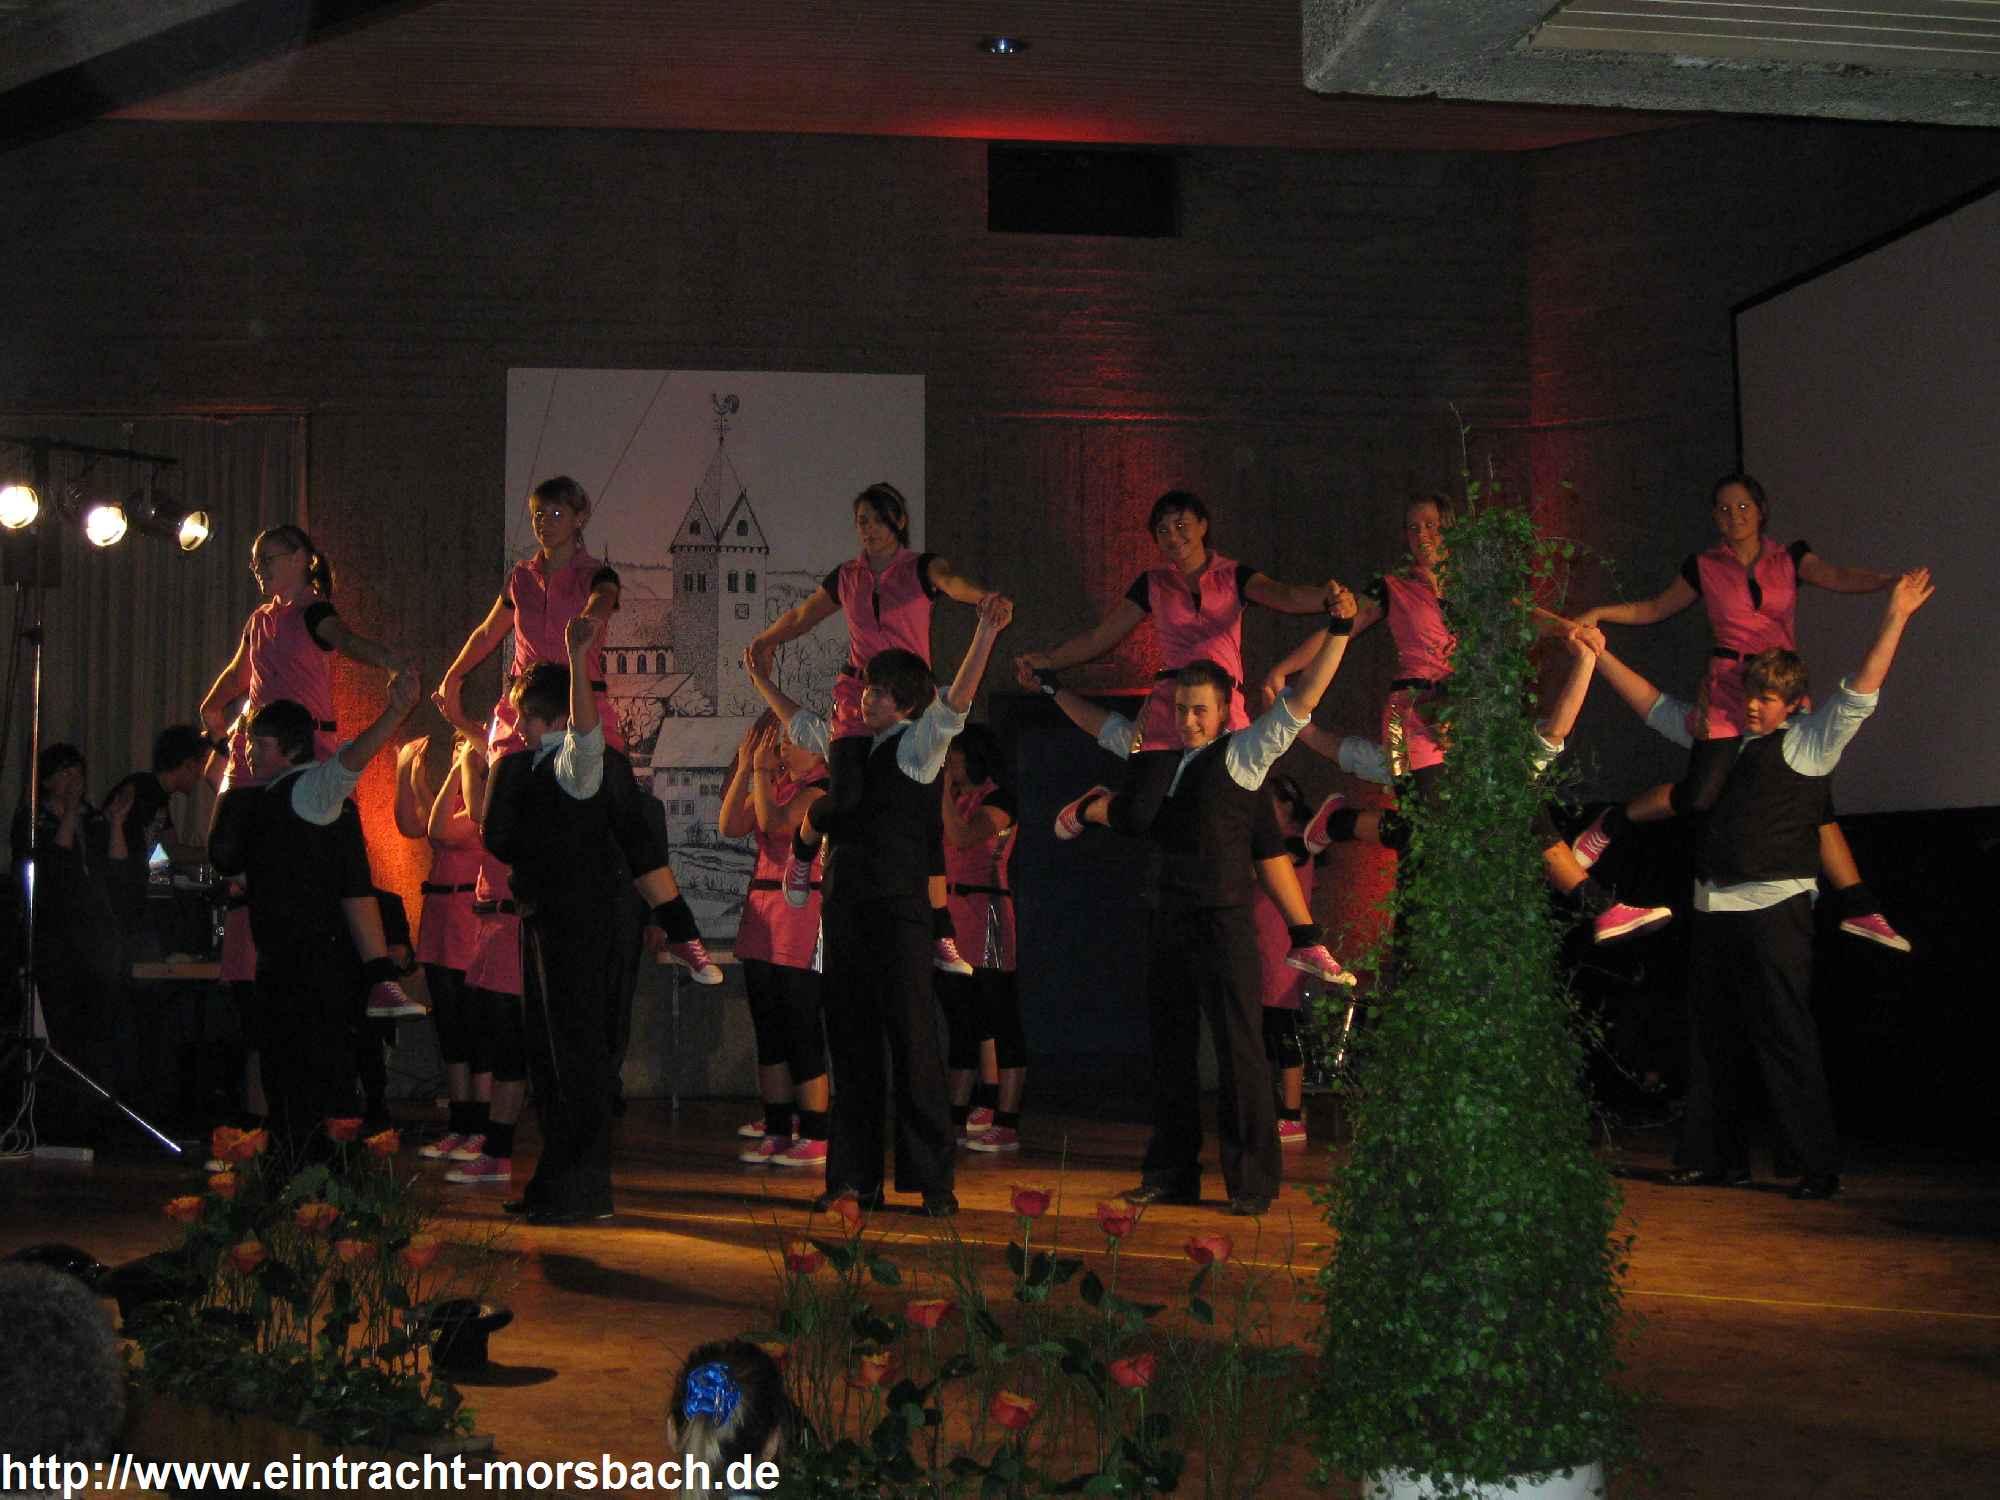 bunter-abend-2009-024